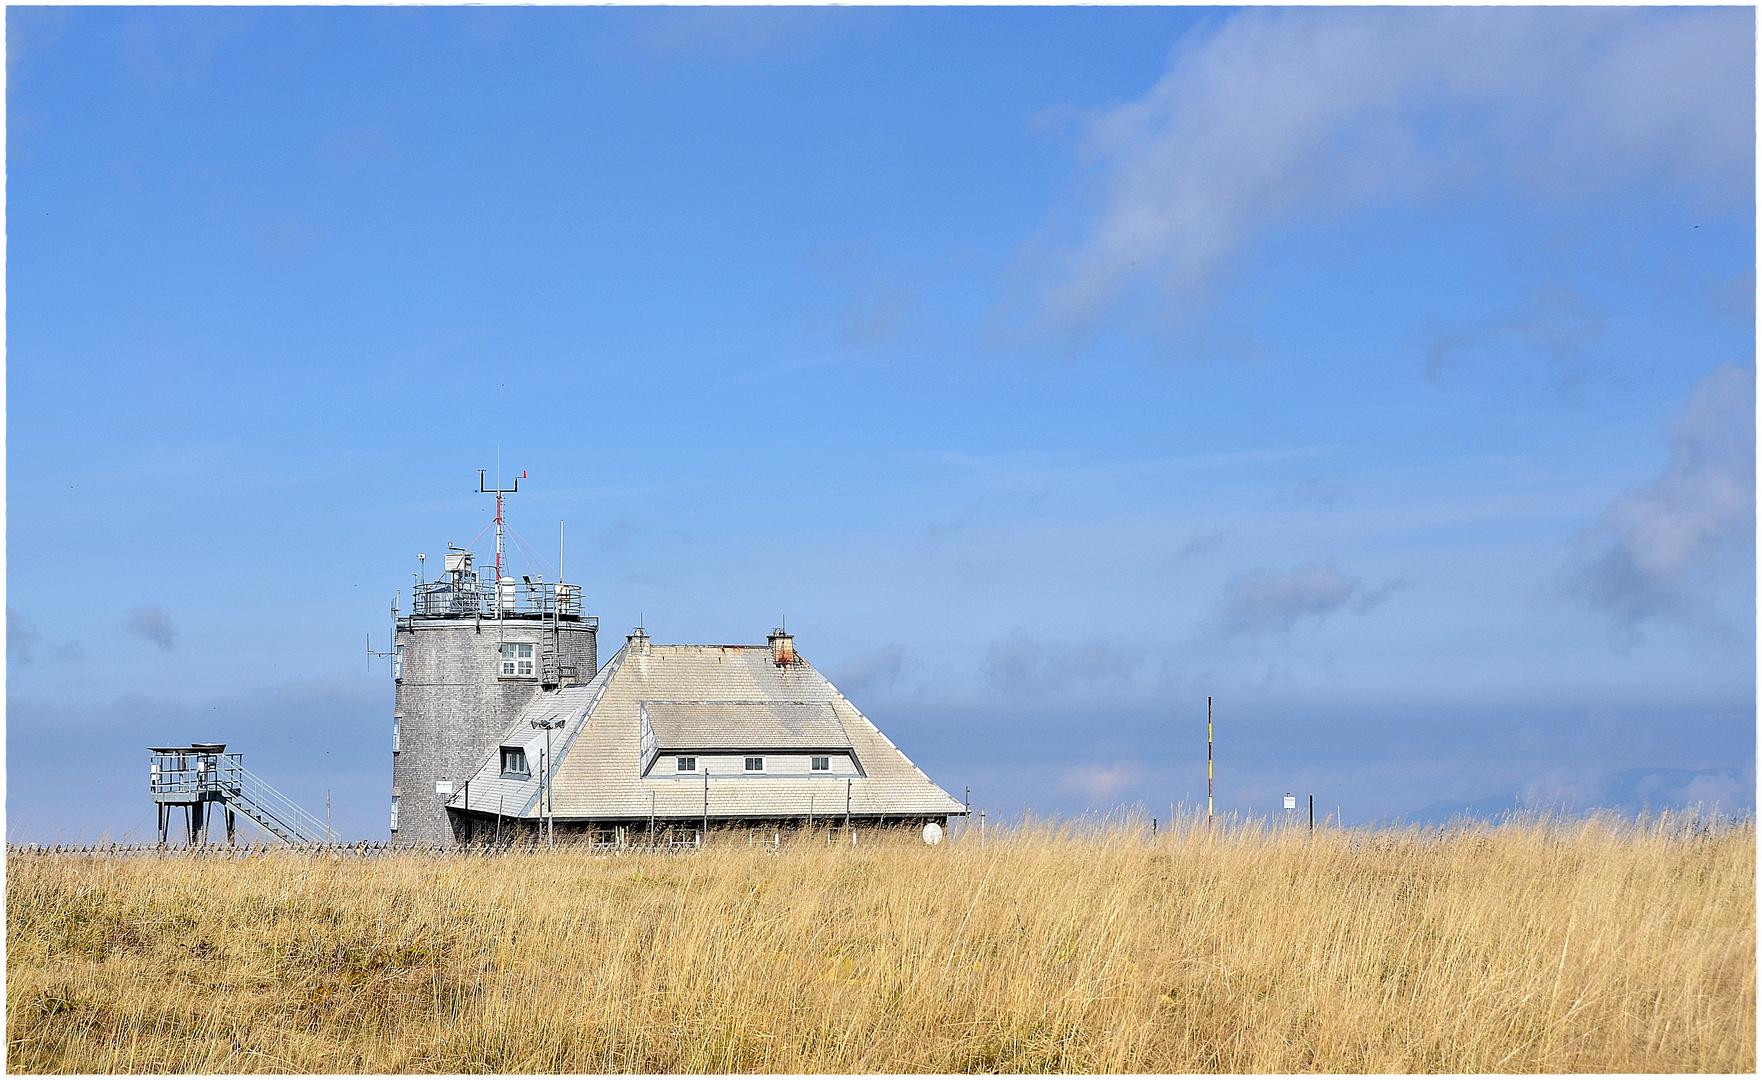 Wetterbeobachtungsstation